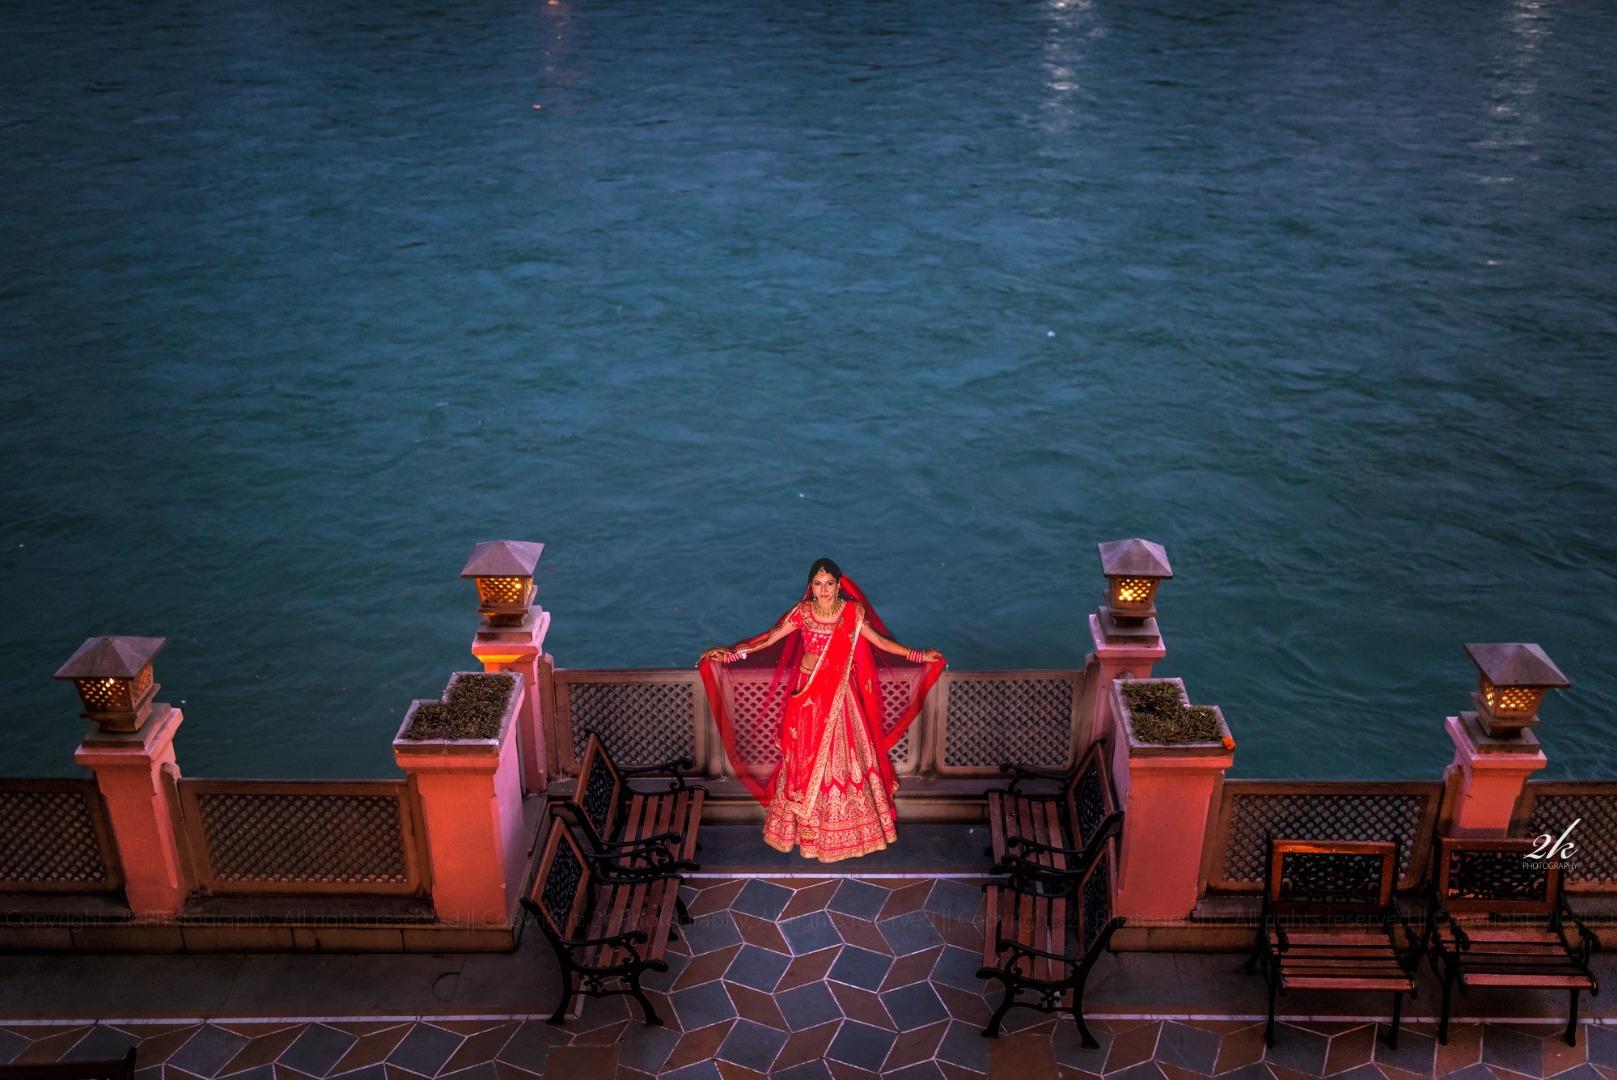 bride pose near a lake